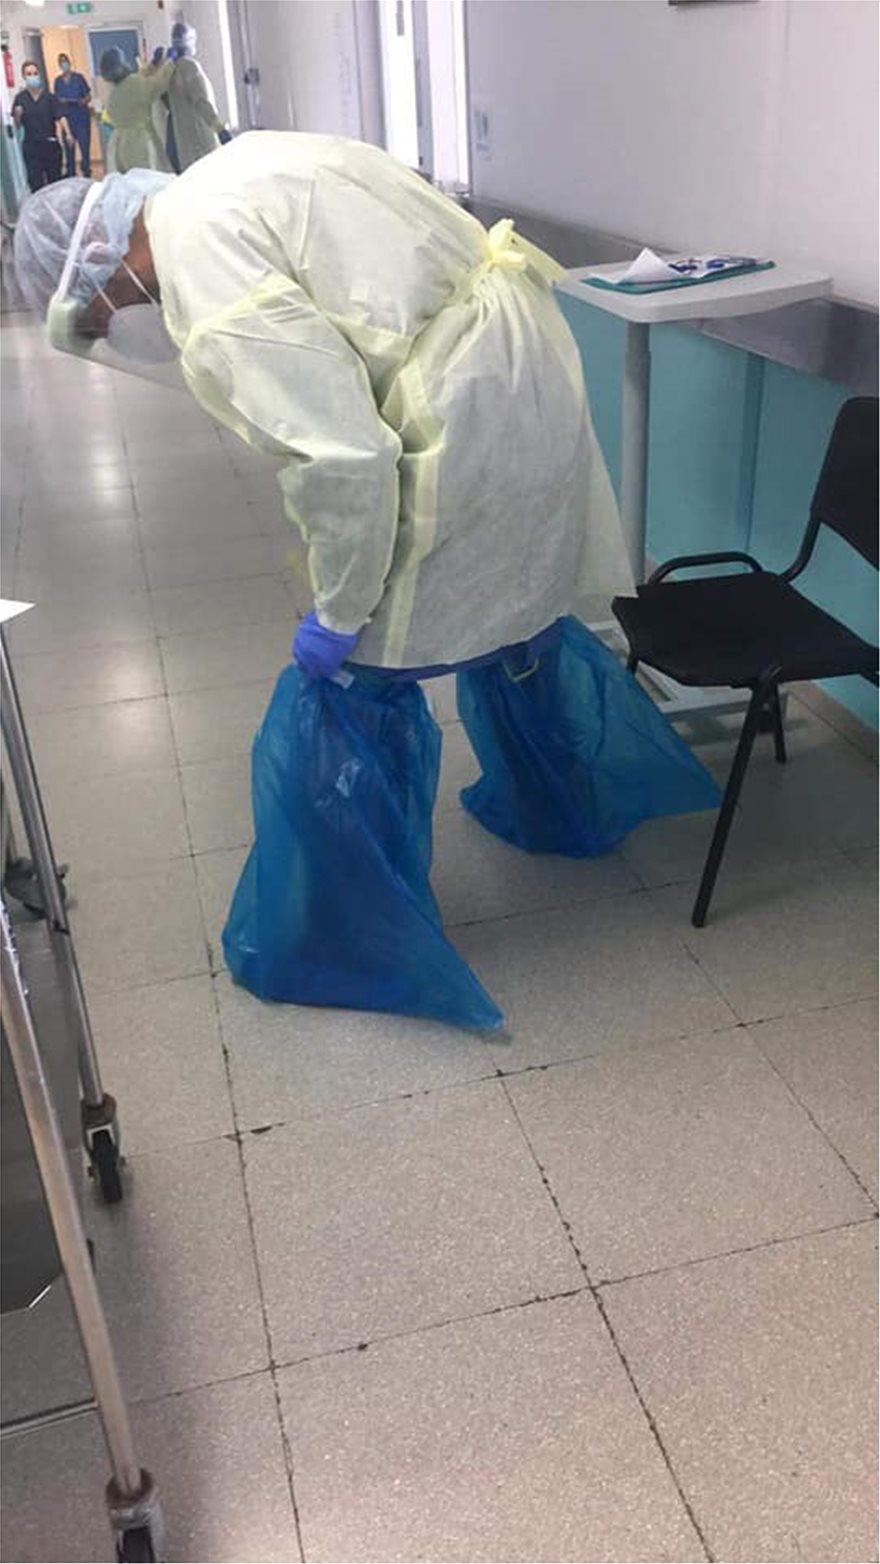 Κορωνοϊός: Σακούλες σκουπιδιών χρησιμοποιούν για «προστατευτικό εξοπλισμό» στο νοσοκομείο της Πάφου